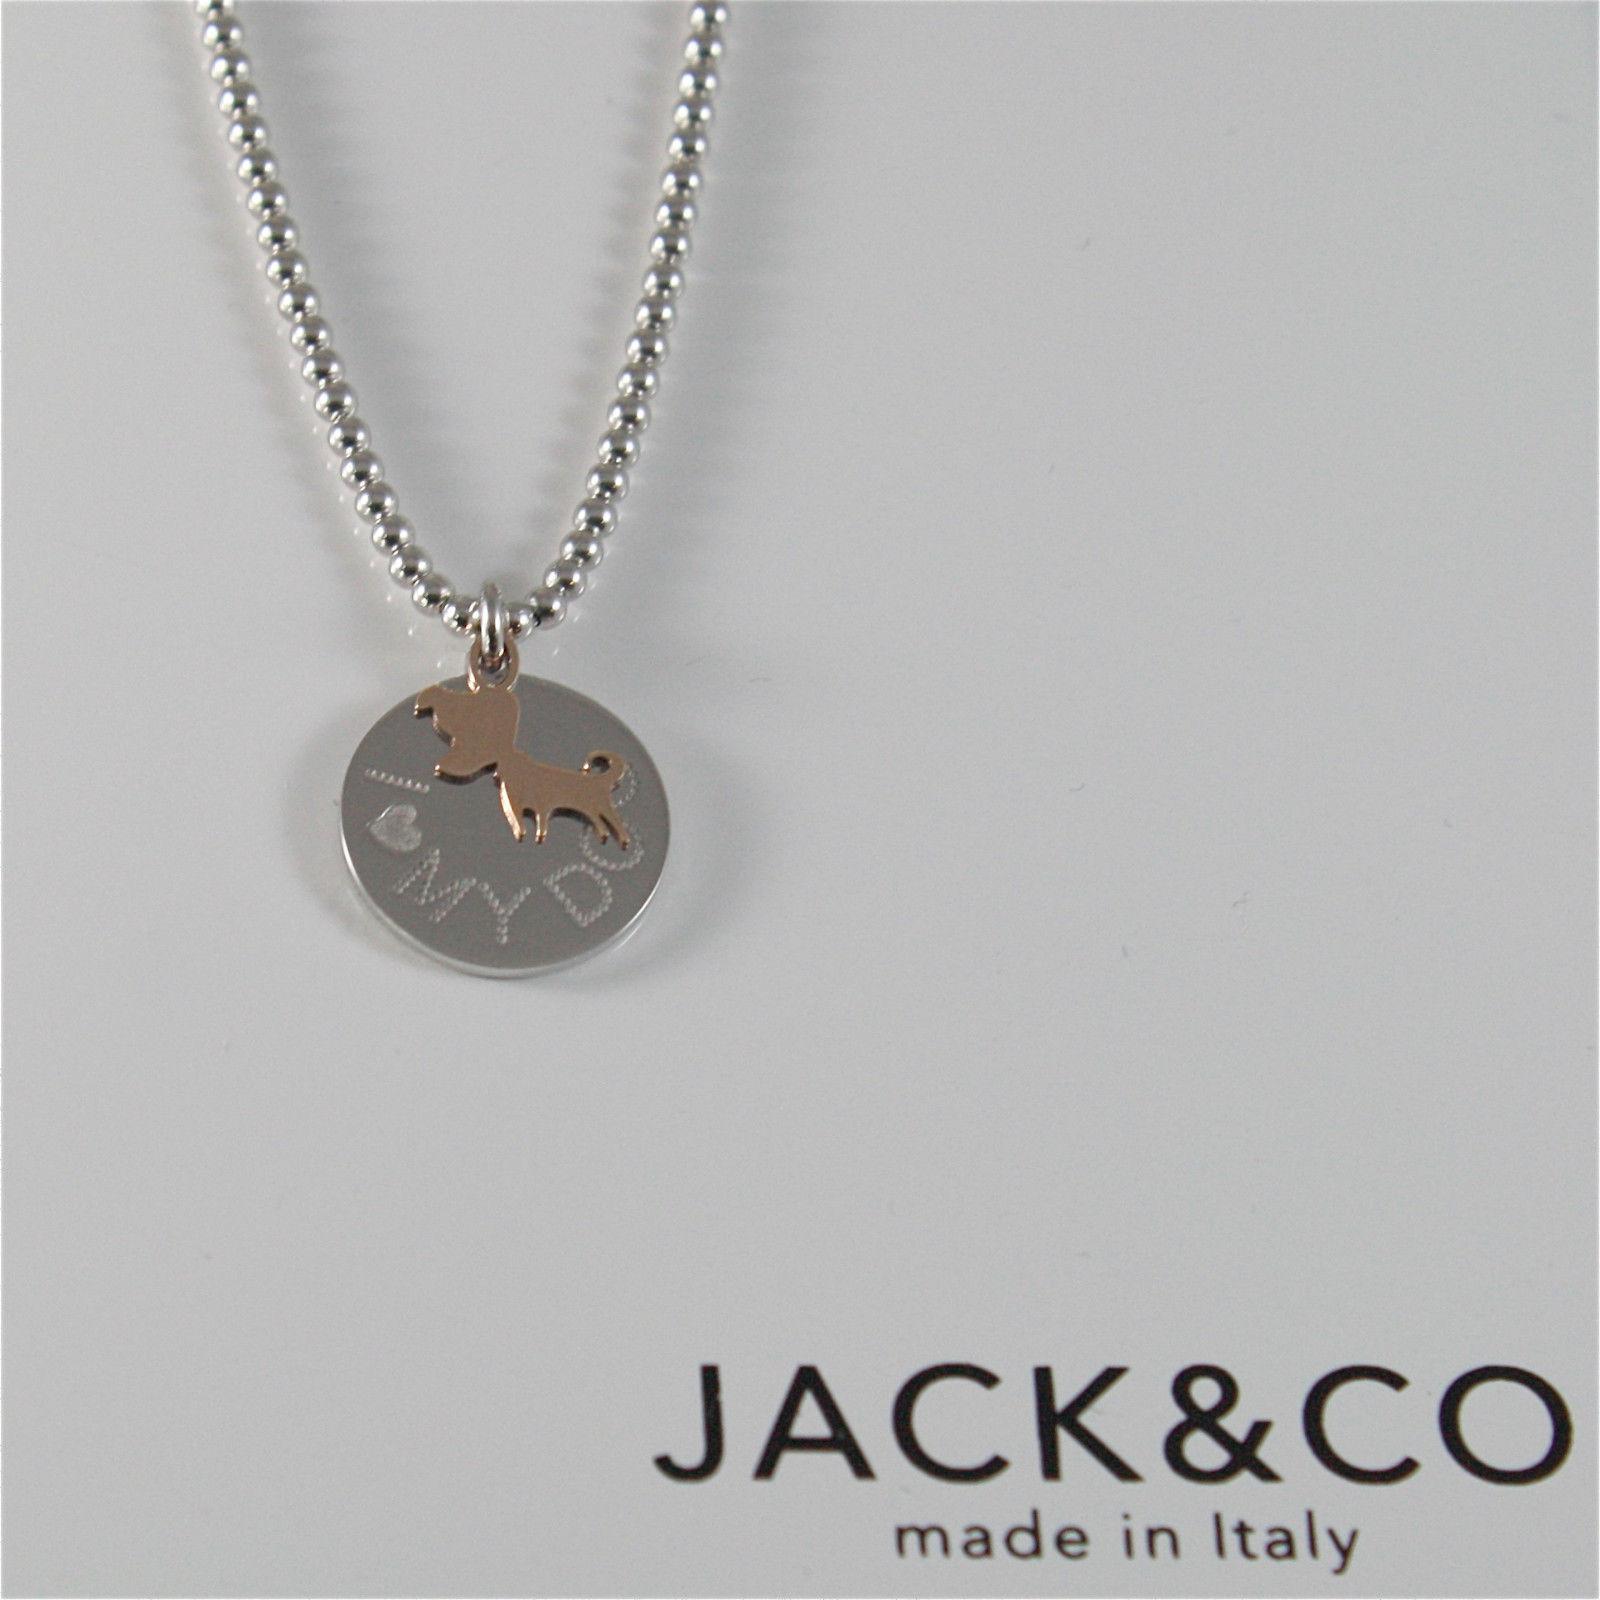 COLLIER PERLE EN ARGENT 925 JACK&CO AVEC CHIEN JACK OR ROSE 9KT JCN0549